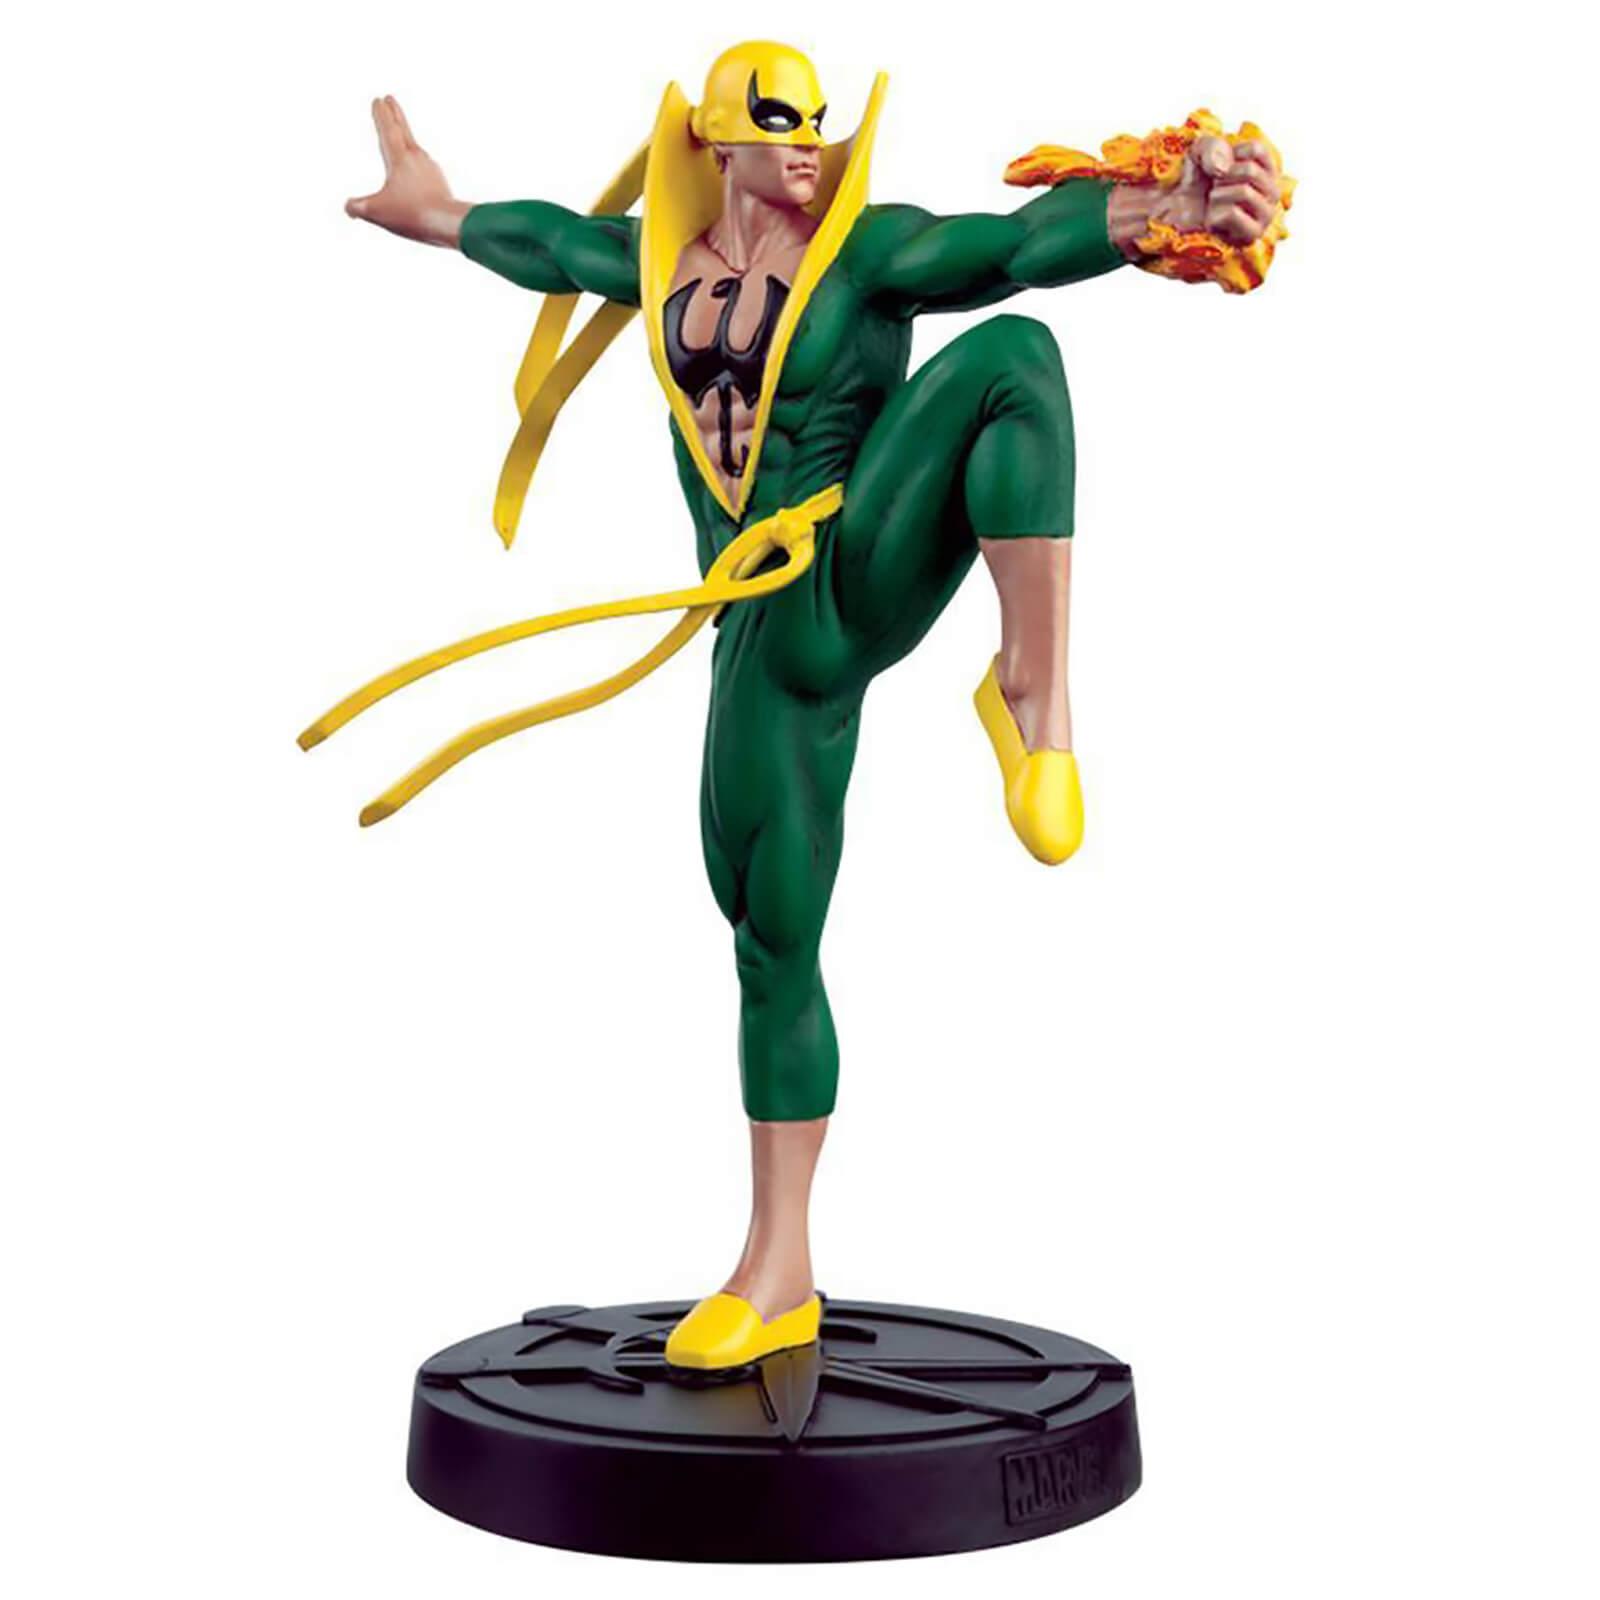 Eaglemoss Marvel Iron Fist Figure